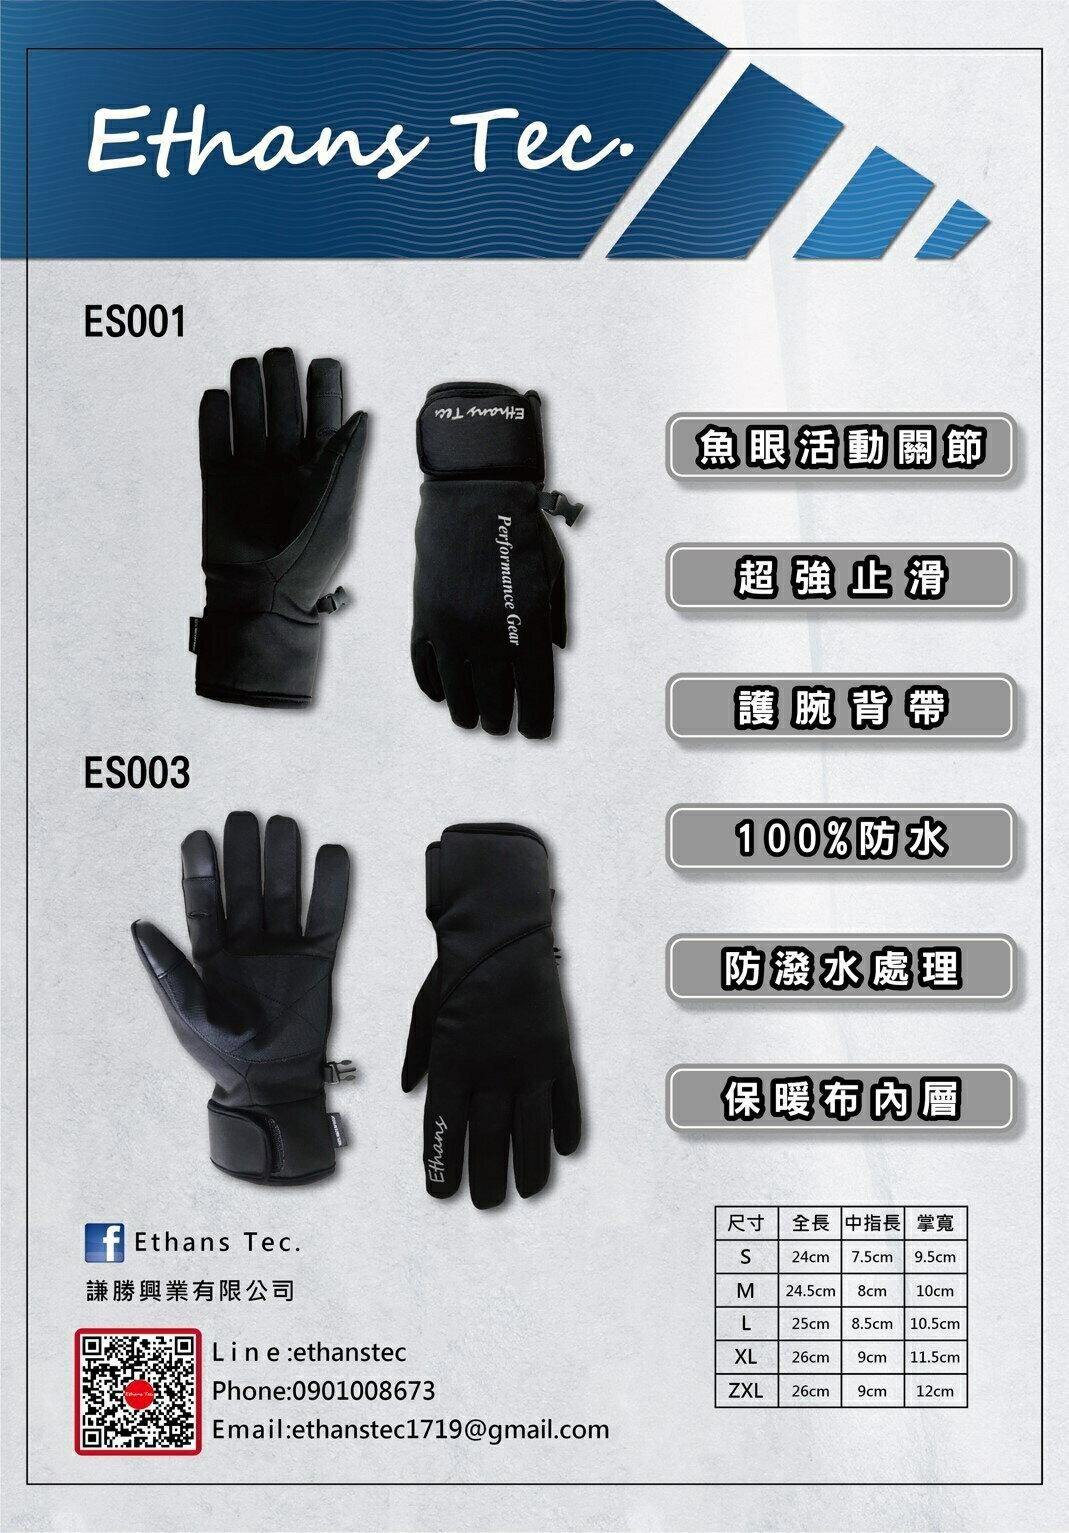 任我行騎士部品 Ethans 伊森手套 防水 保暖 可觸控 ES003 騎士手套